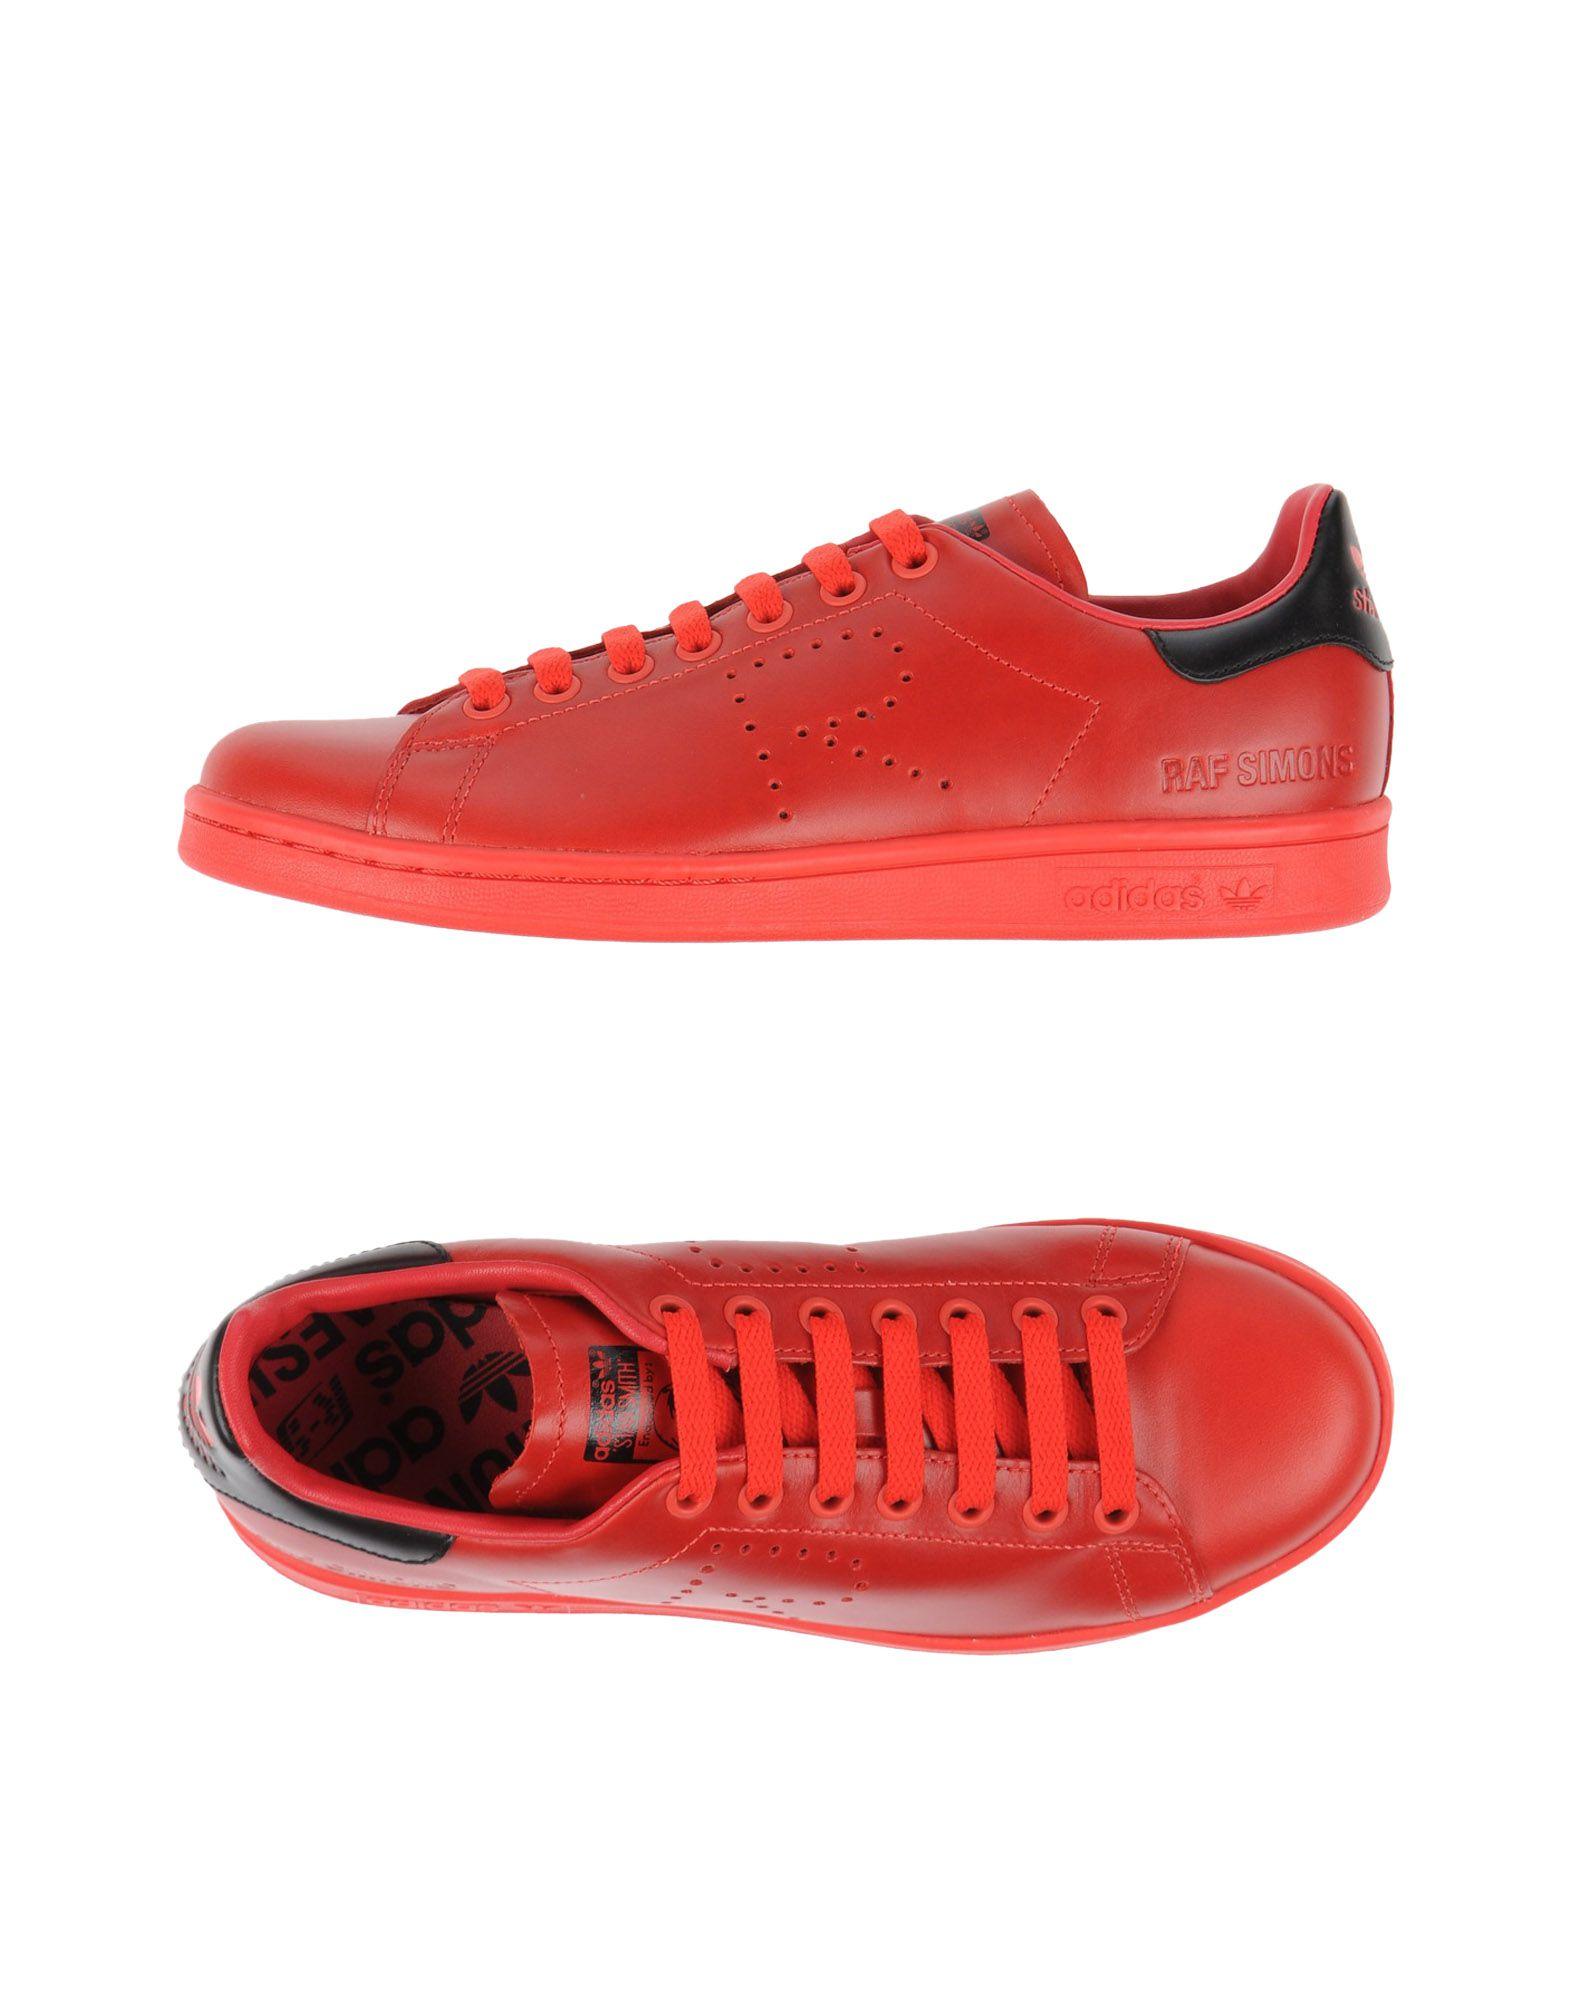 ADIDAS by RAF SIMONS Низкие кеды и кроссовки кроссовки детские adidas fortagym cf k цвет фуксия ah2561 размер 34 32